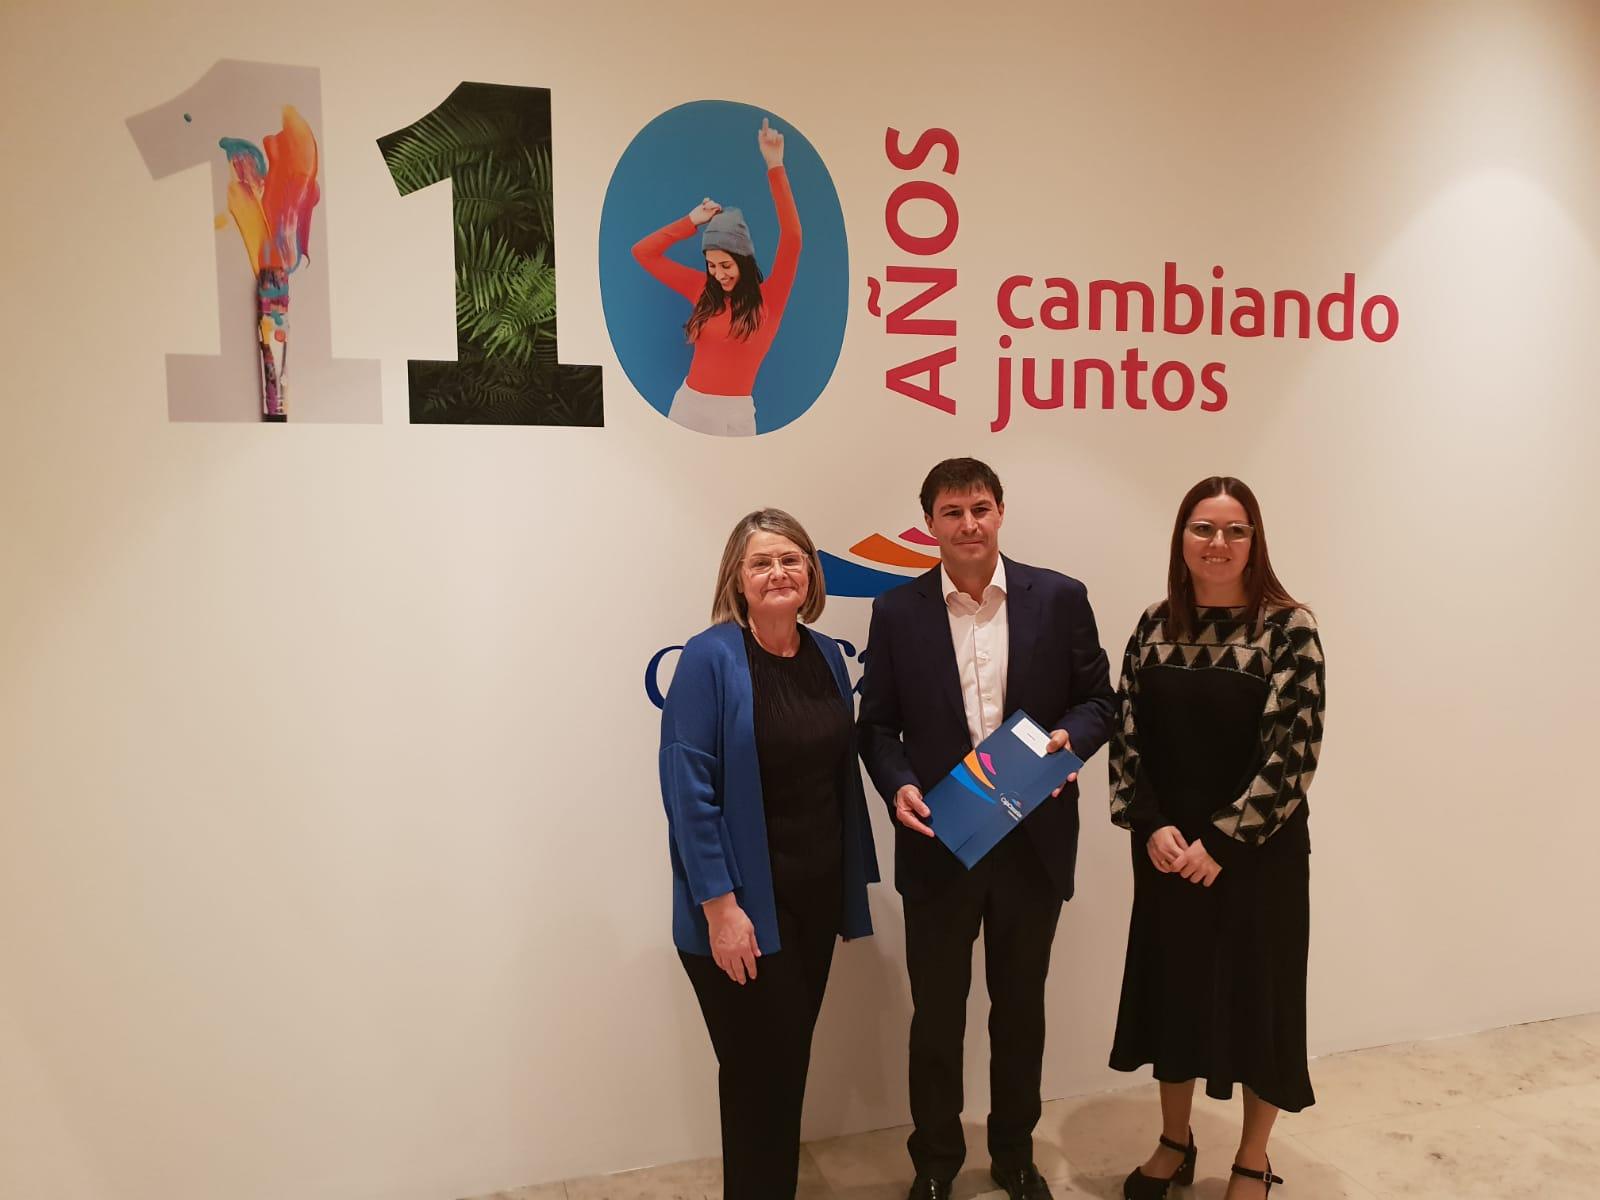 El proyecto AECETIA de Ataretaco recibe una subvención de la Fundación CajaCanarias